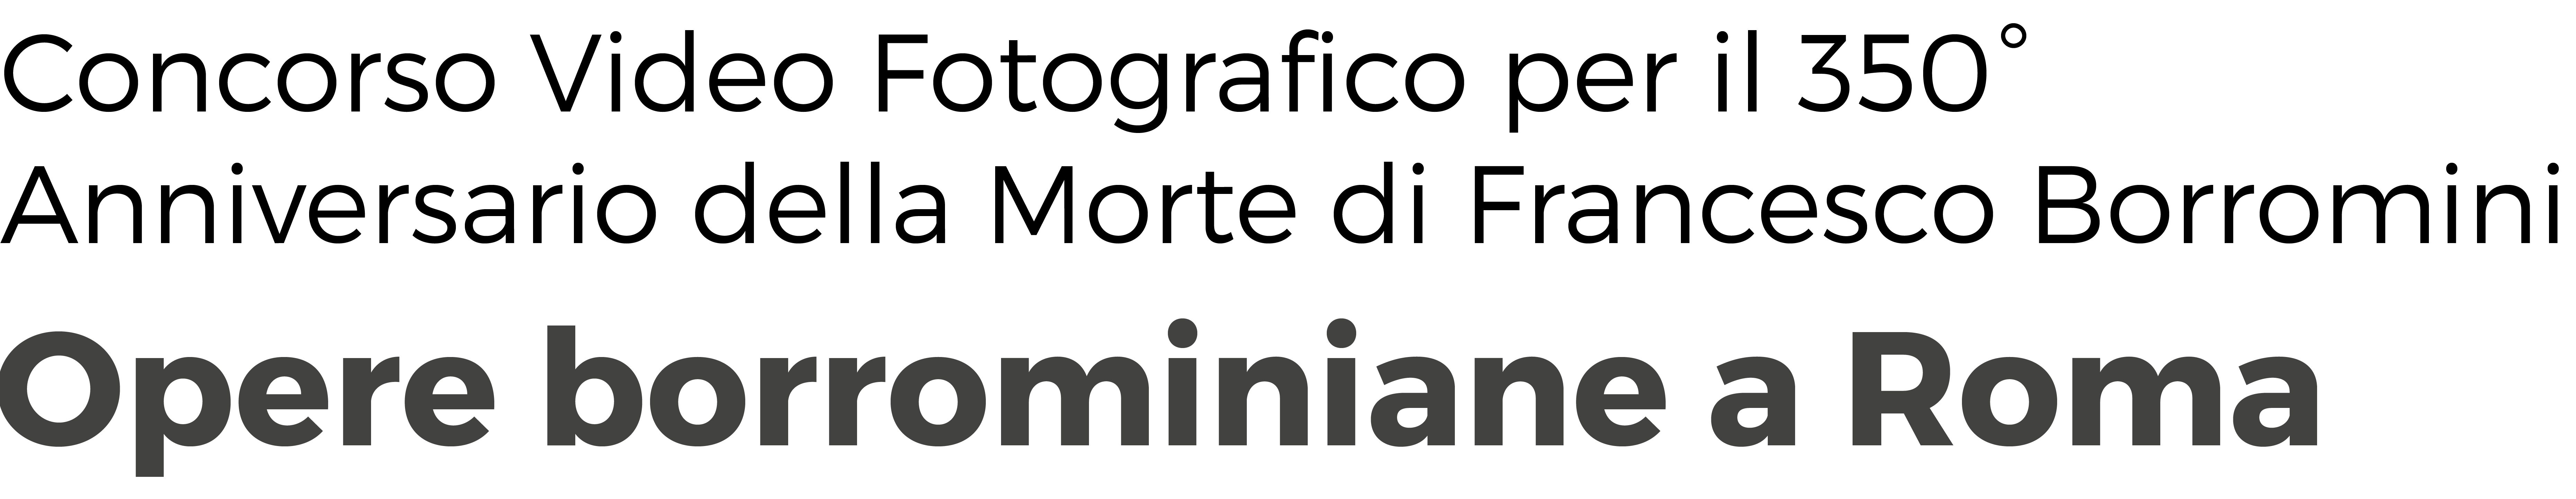 Concorso Video Fotografico per il 350° Anniversario della Morte di Francesco Borromini